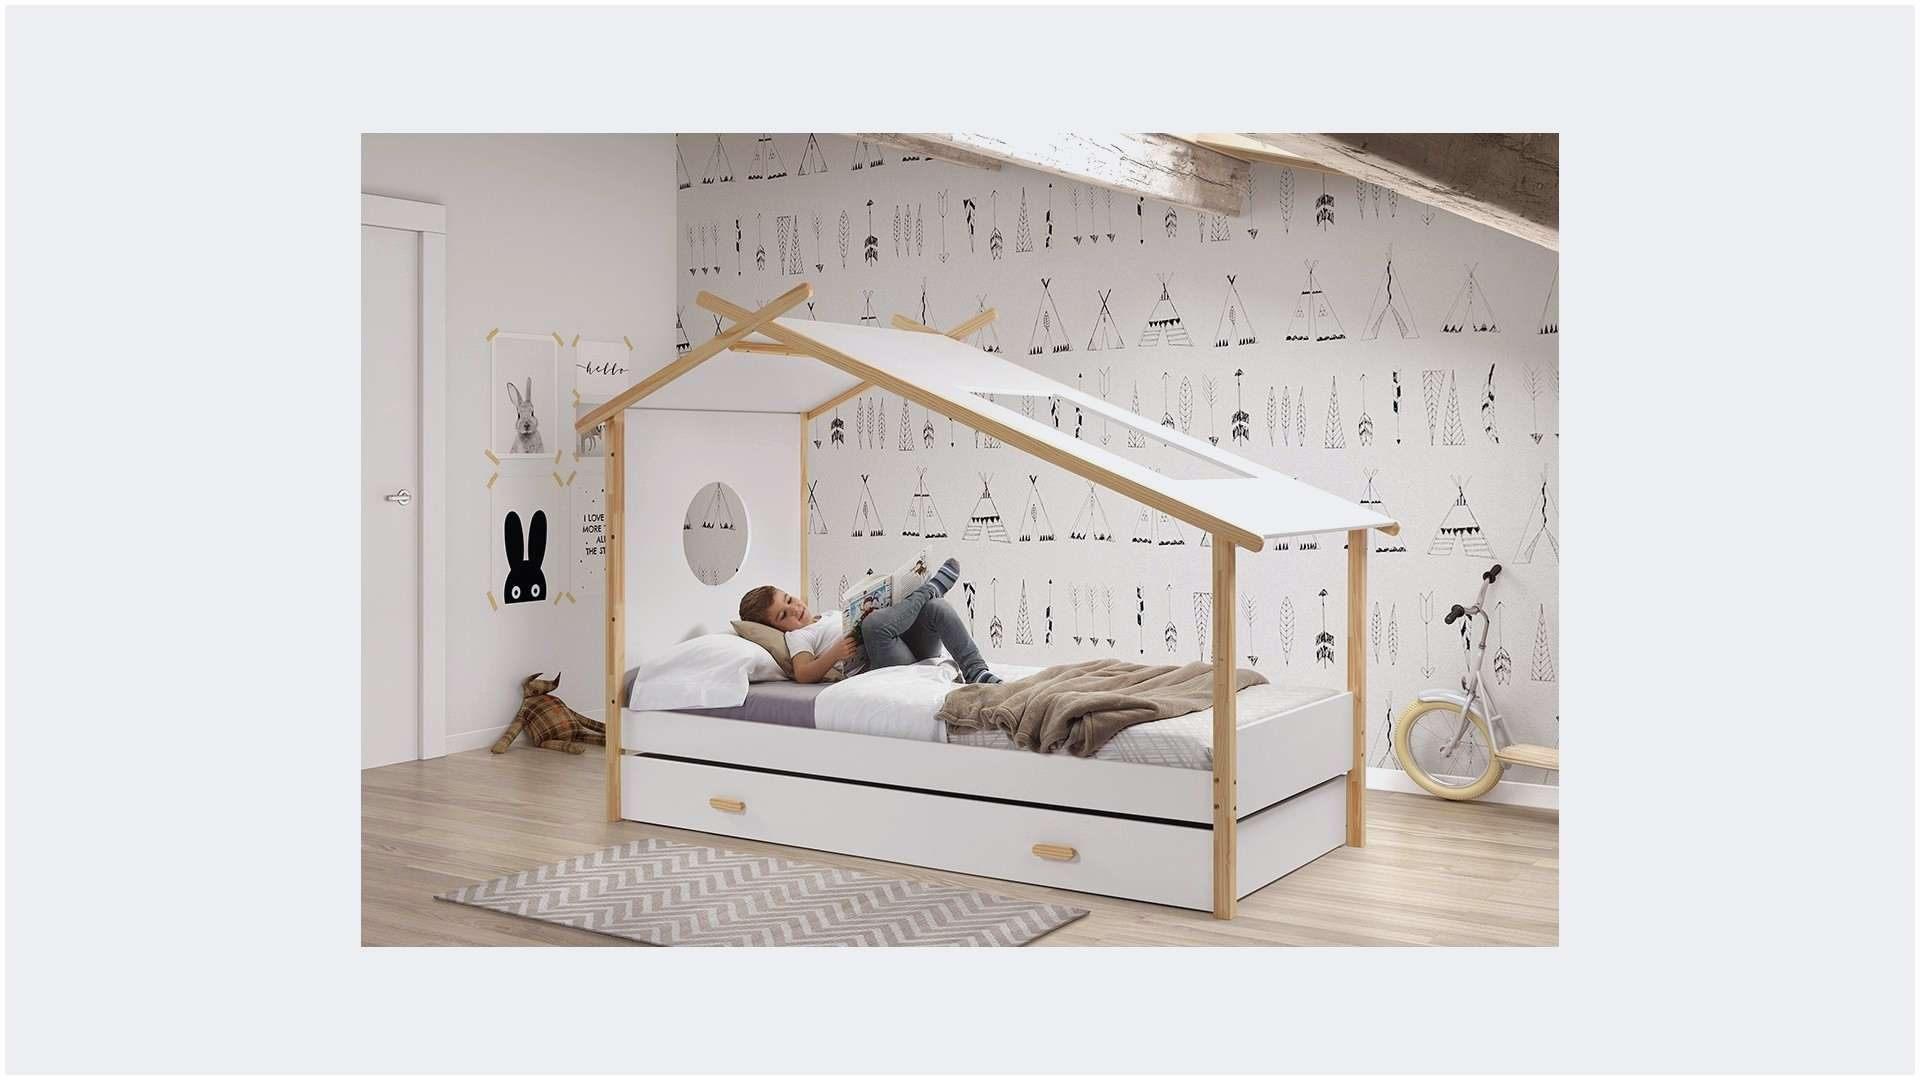 Lit Mezzanine Cabane Élégant Elégant 26 Idées Lit Cabane Delamaison Home Design Inspirasti Pour